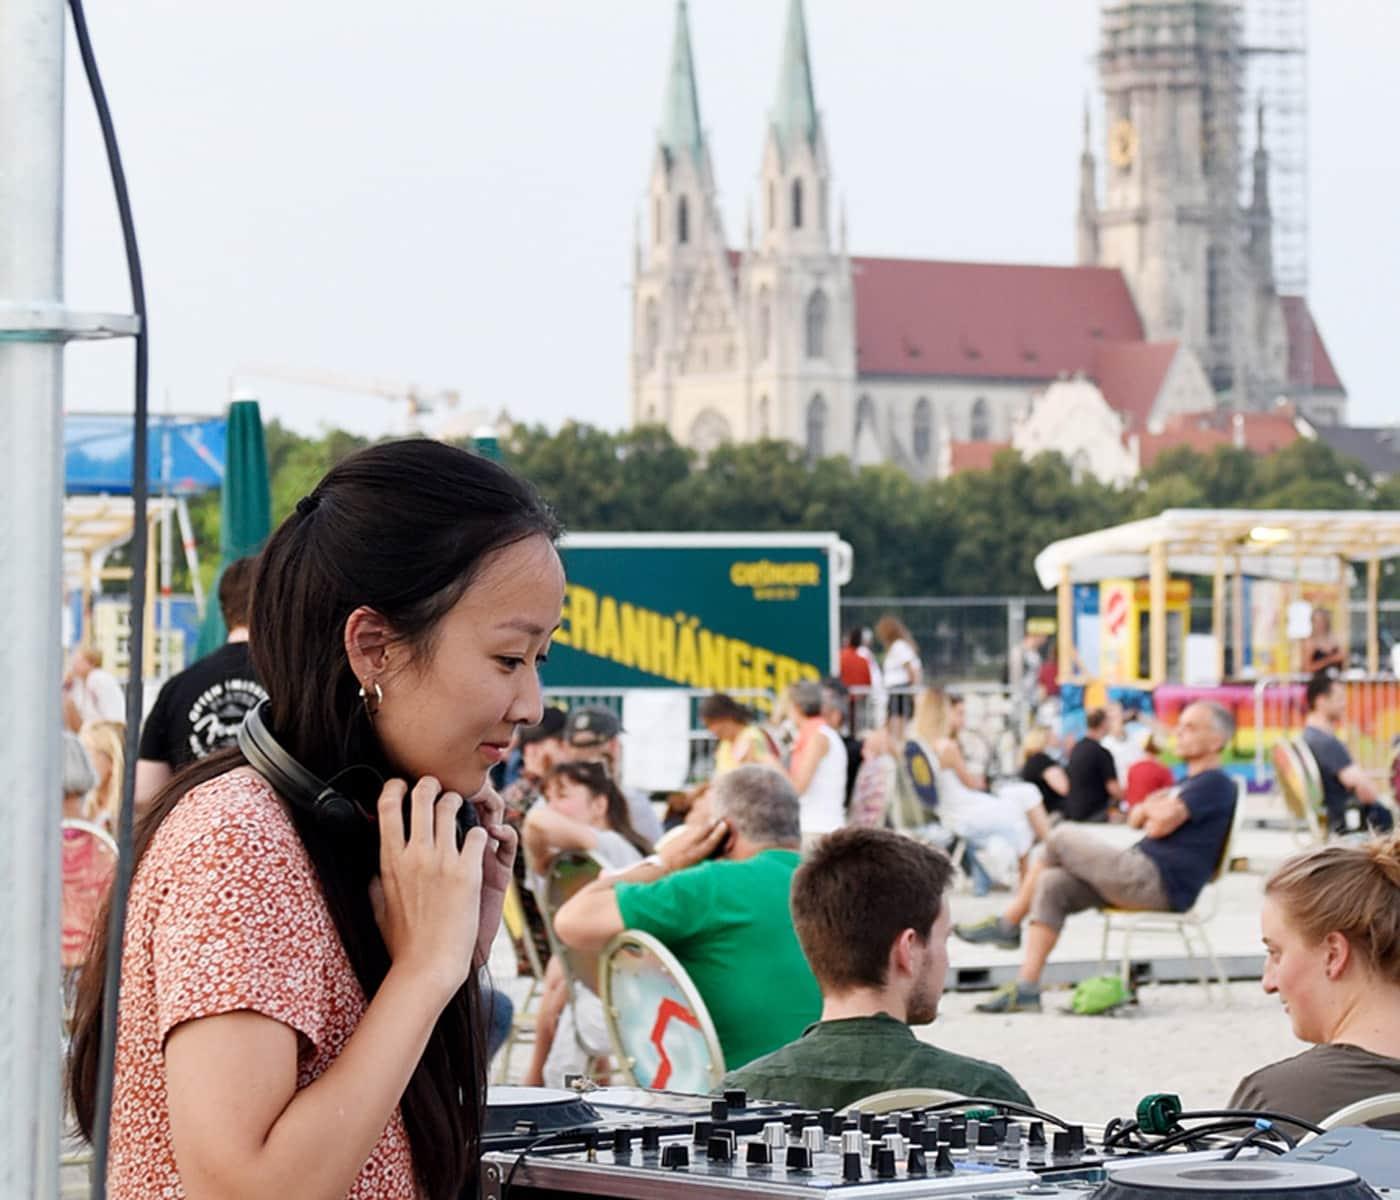 DJane auf der Theresienwiese in München // HIMBEER